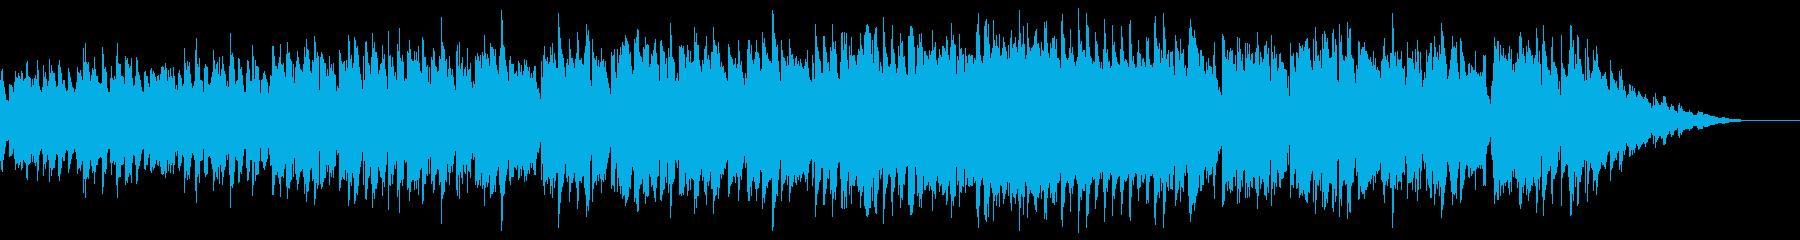 ヨーロッパの夕方の路地に合うBGMの再生済みの波形